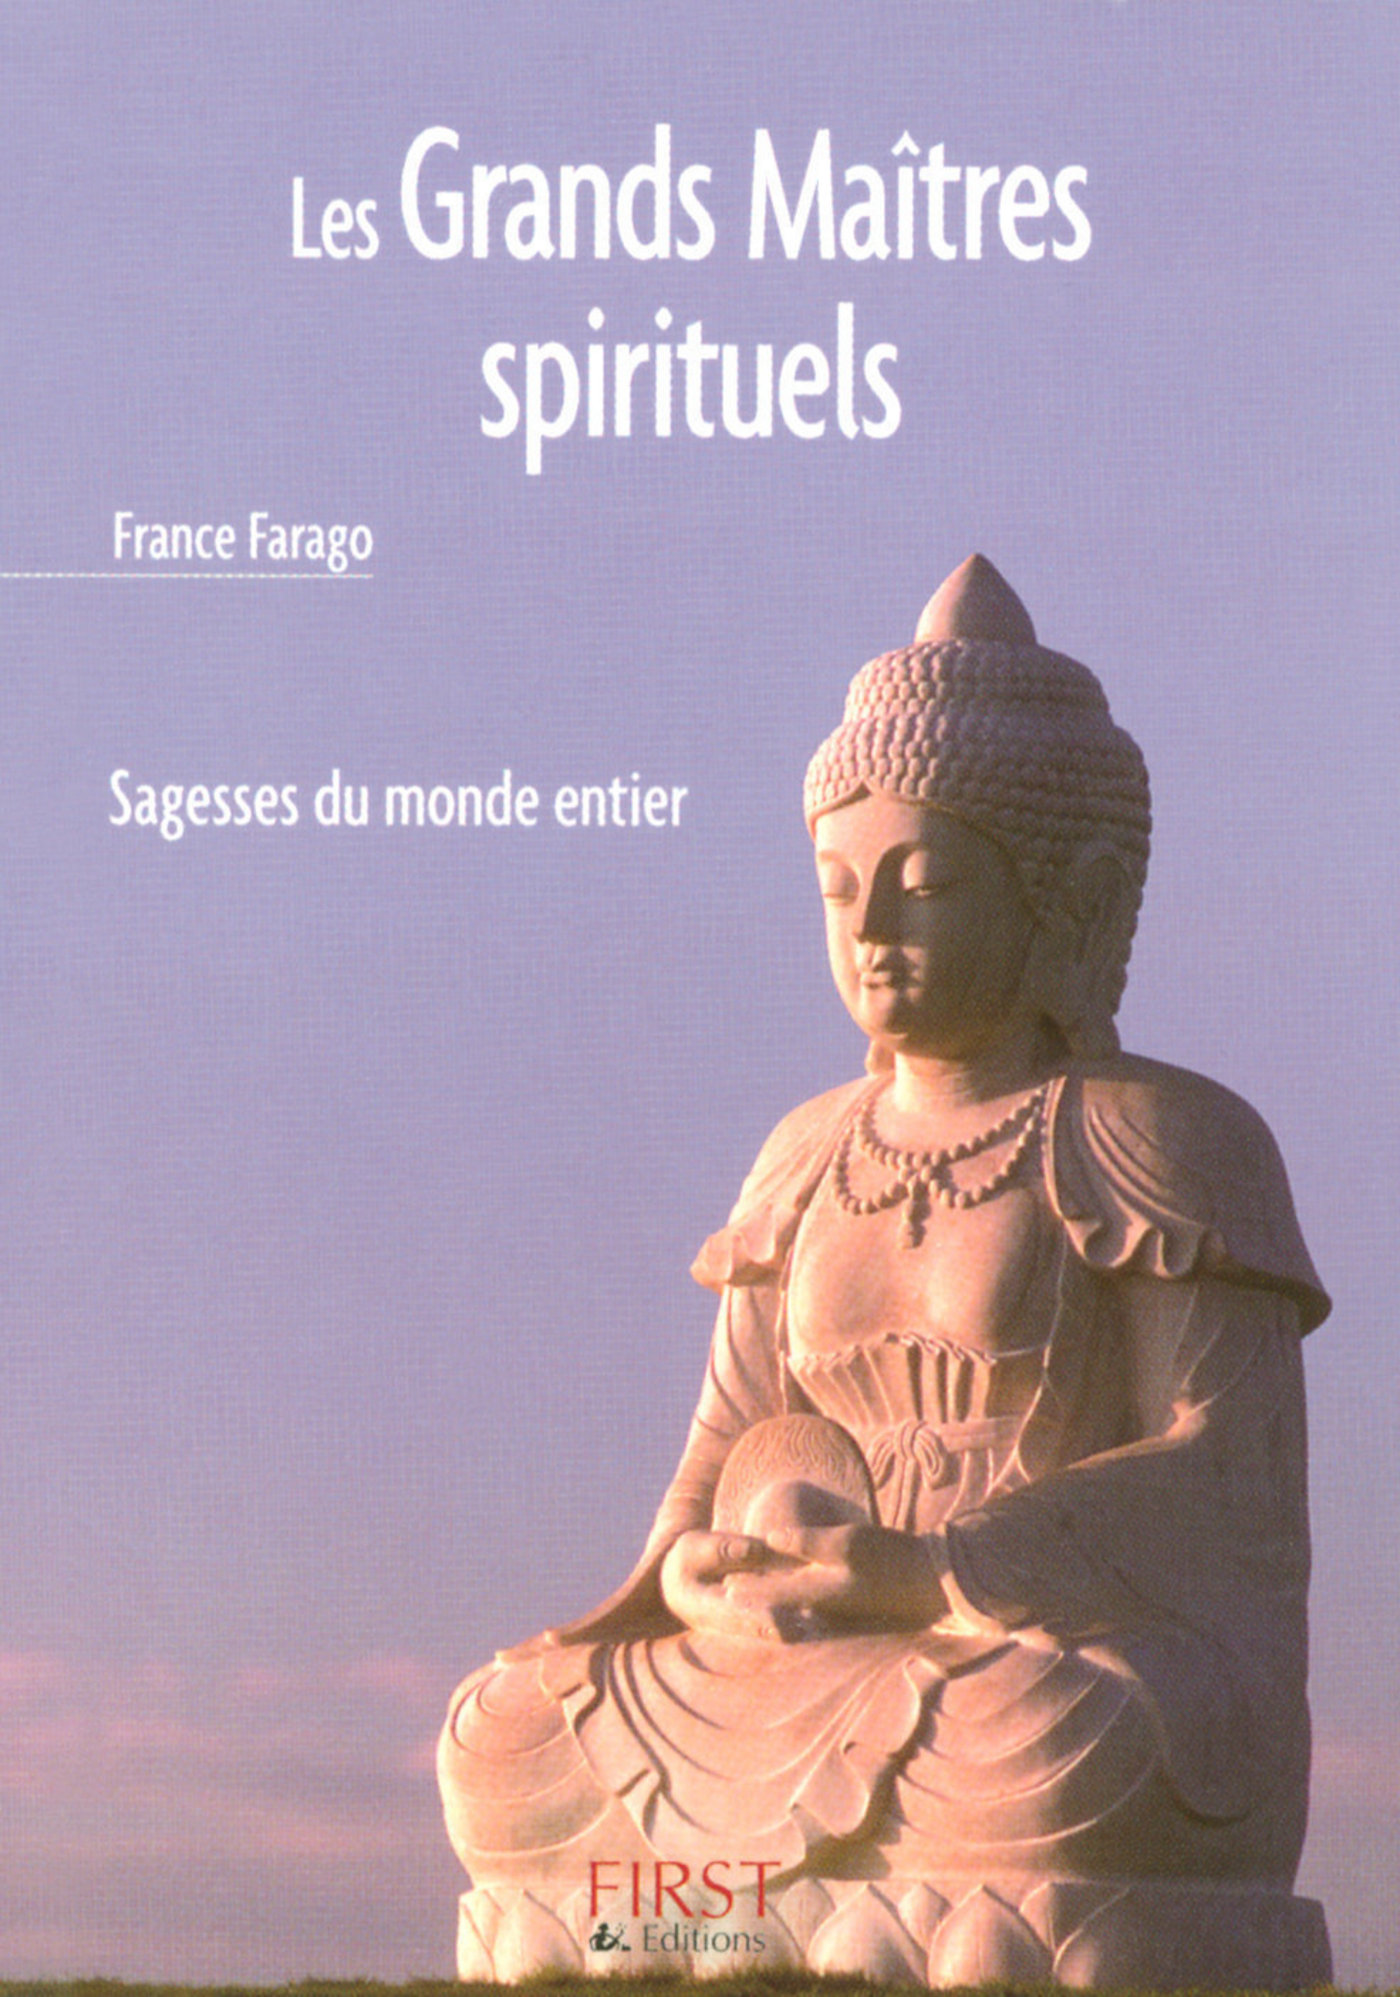 Petit livre de - Les grands maîtres spirituels (ebook)